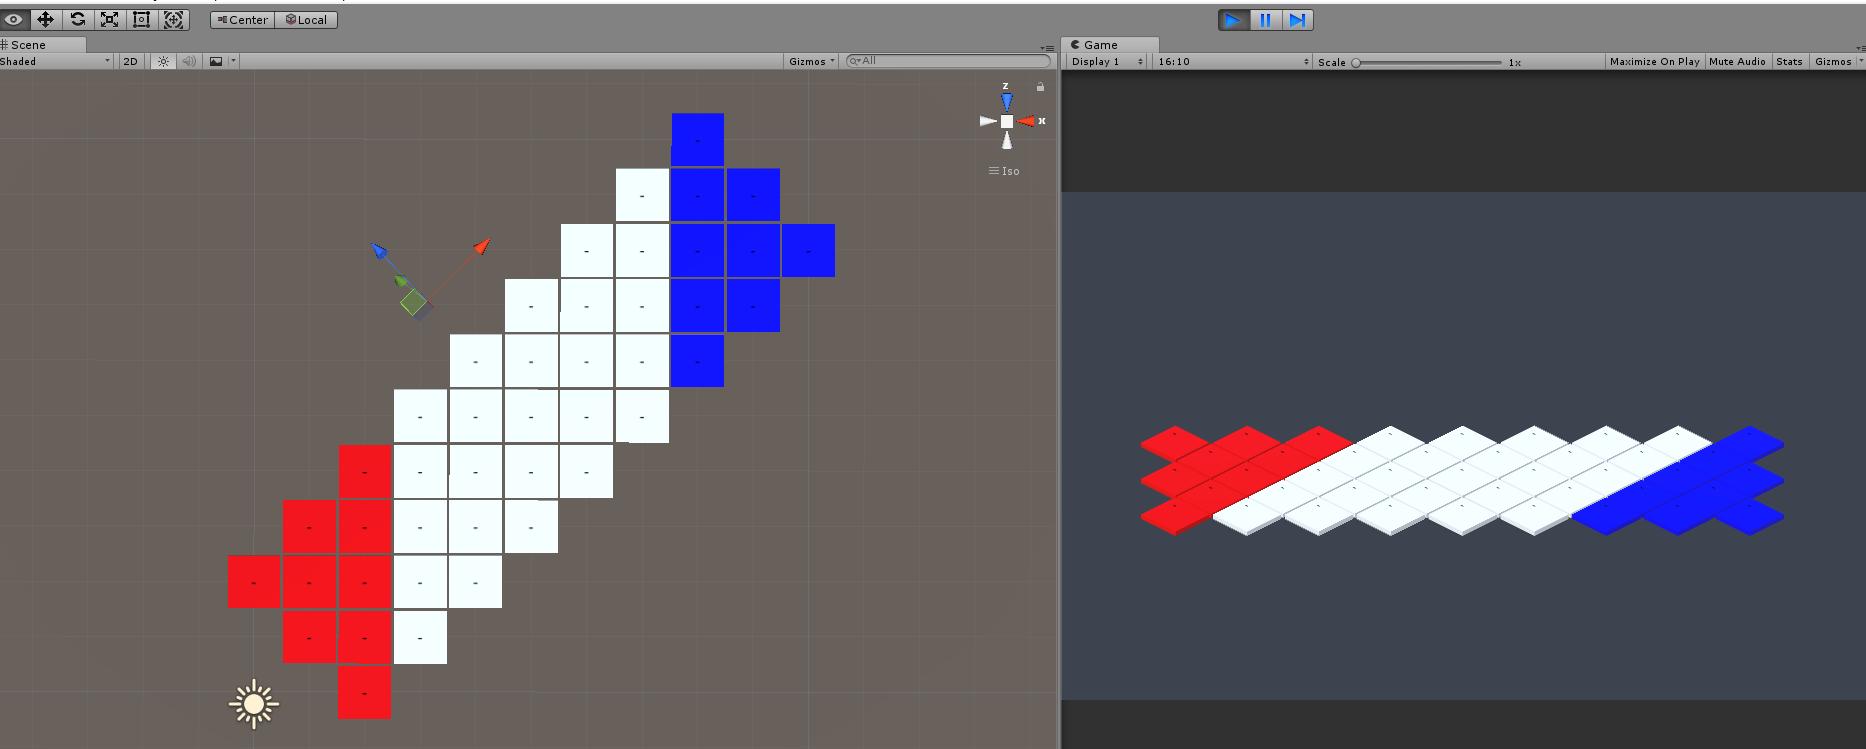 Hexagon Or Squares What To Go For In Maps Unity Forum Voronoi Diagram Hexagonal Lattice Generators Upload 2018 9 3 21 18